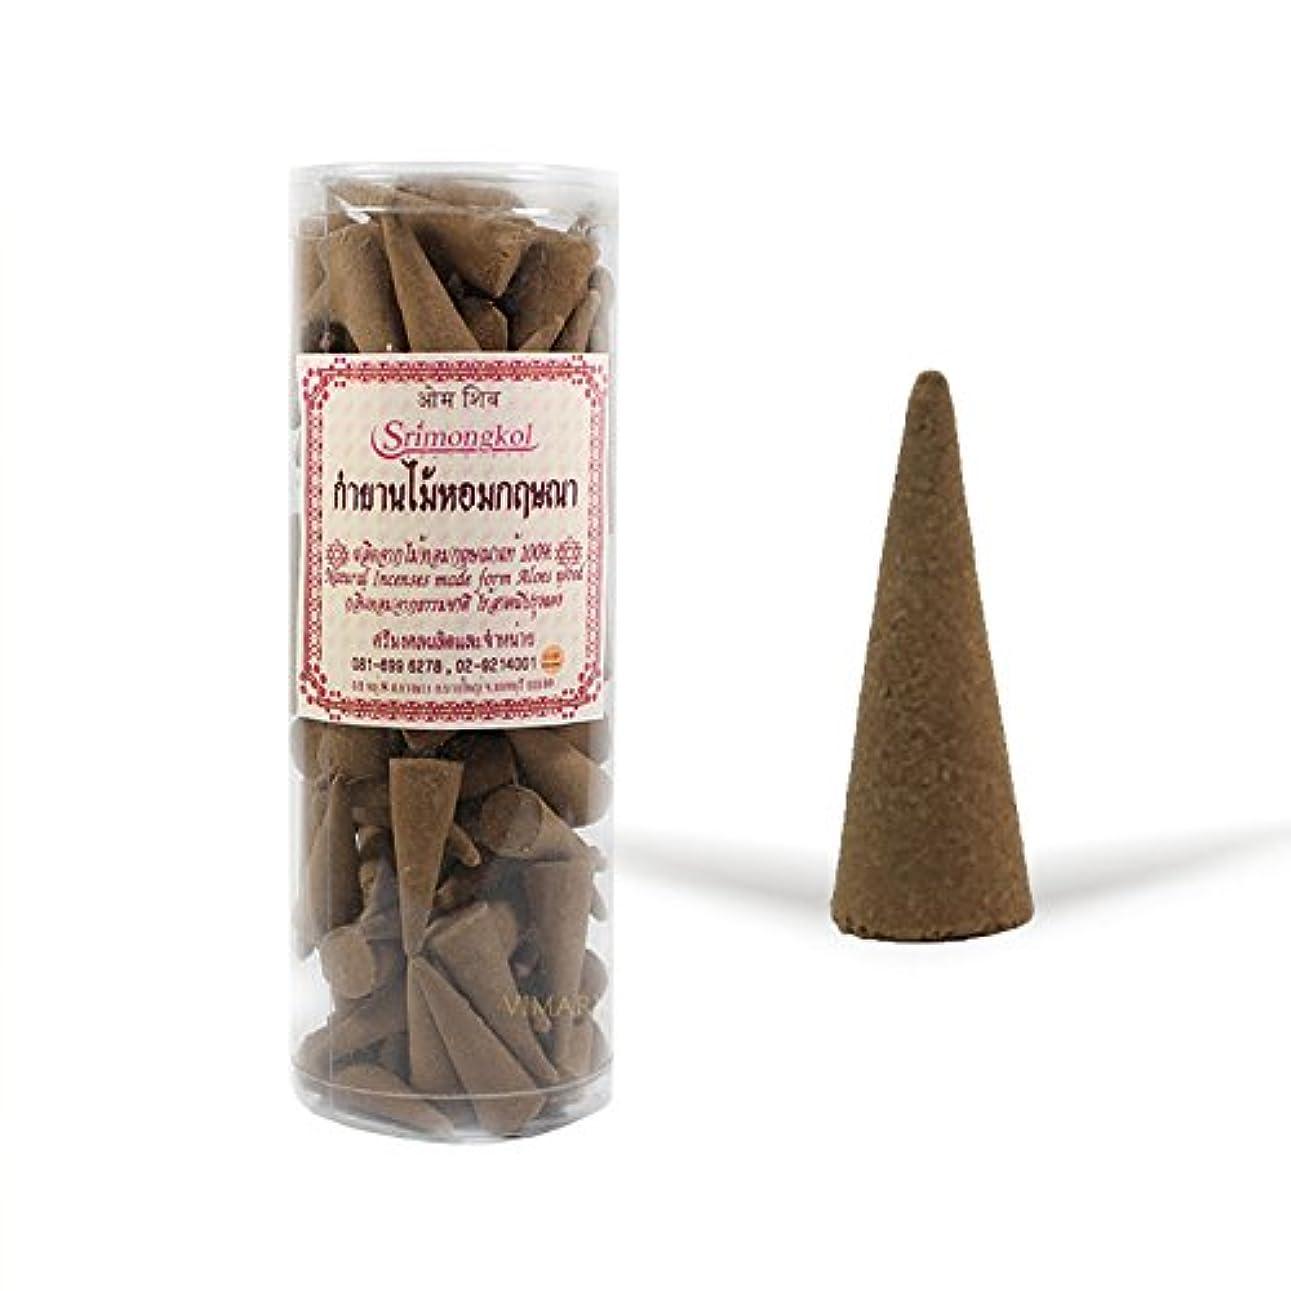 所属赤字小学生Srimongkol Agarwood Natural Incense Cones 300 Grams (No Chemical):::Srimongkol Agarwoodナチュラル香コーン300グラム(化学薬品なし)